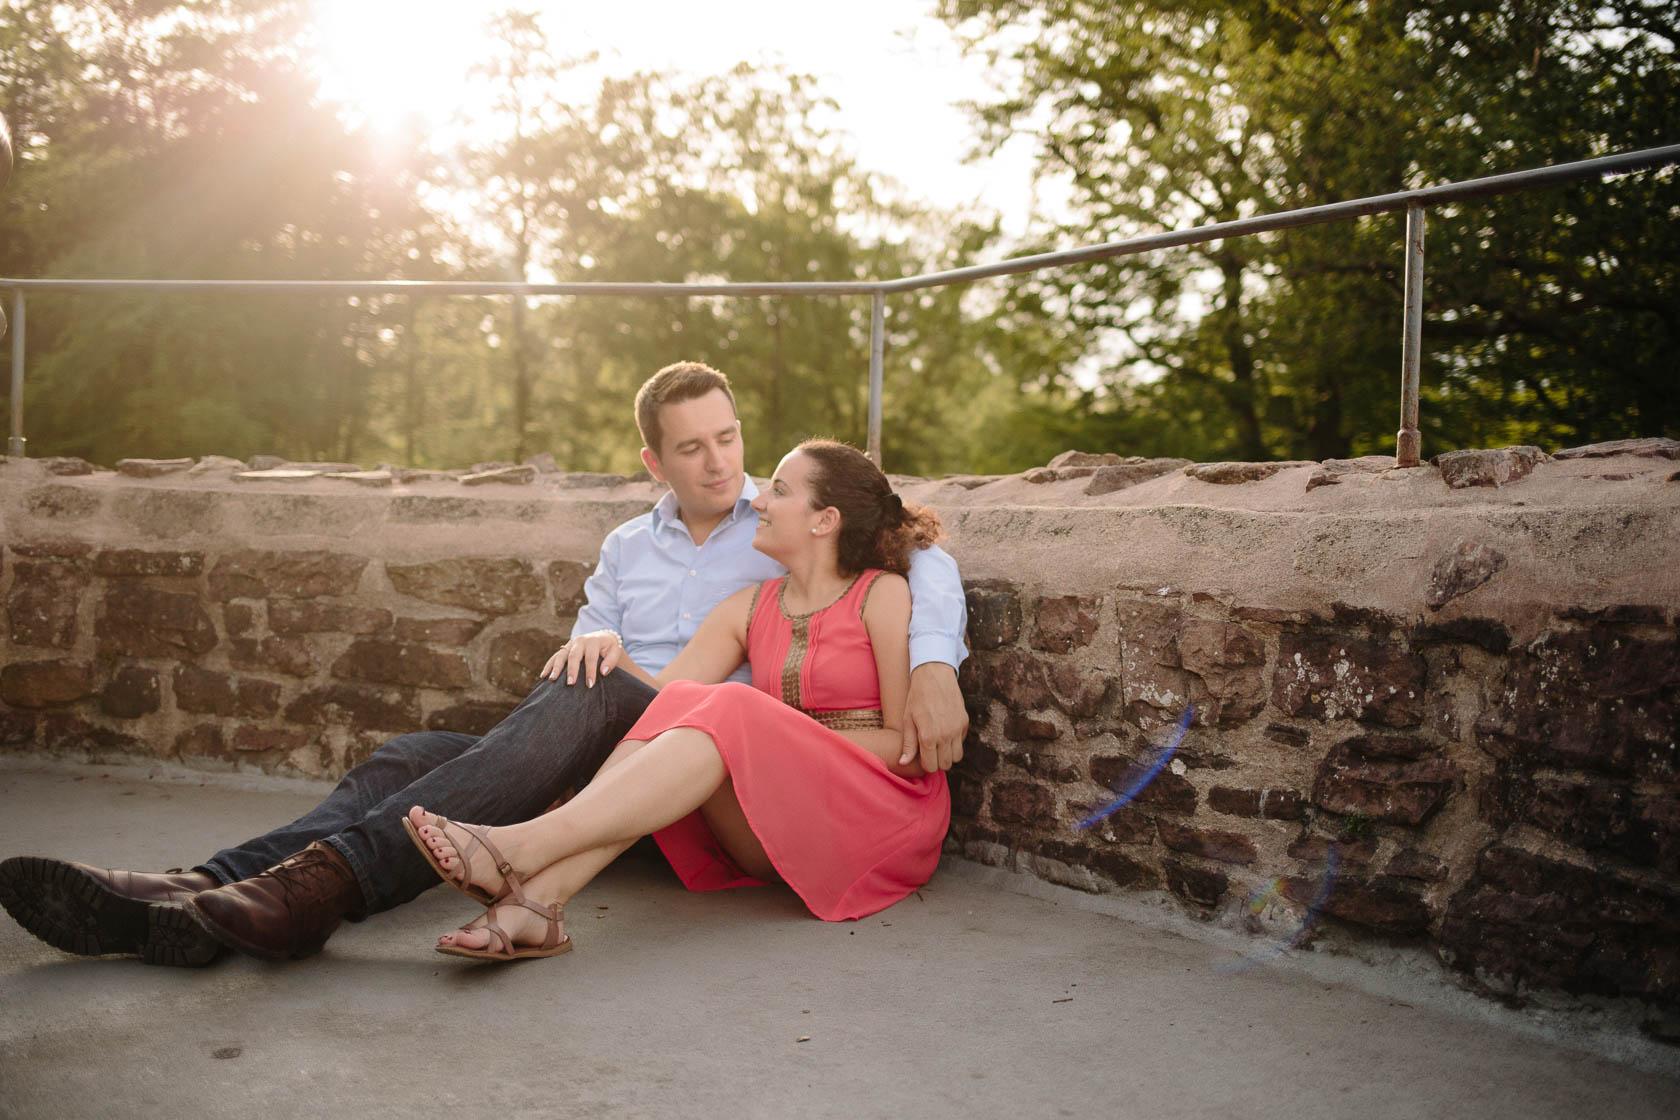 Engagement Fotoshooting von Laura und Viktor in Karlsbad auf dem Turm der Barbara Kapelle